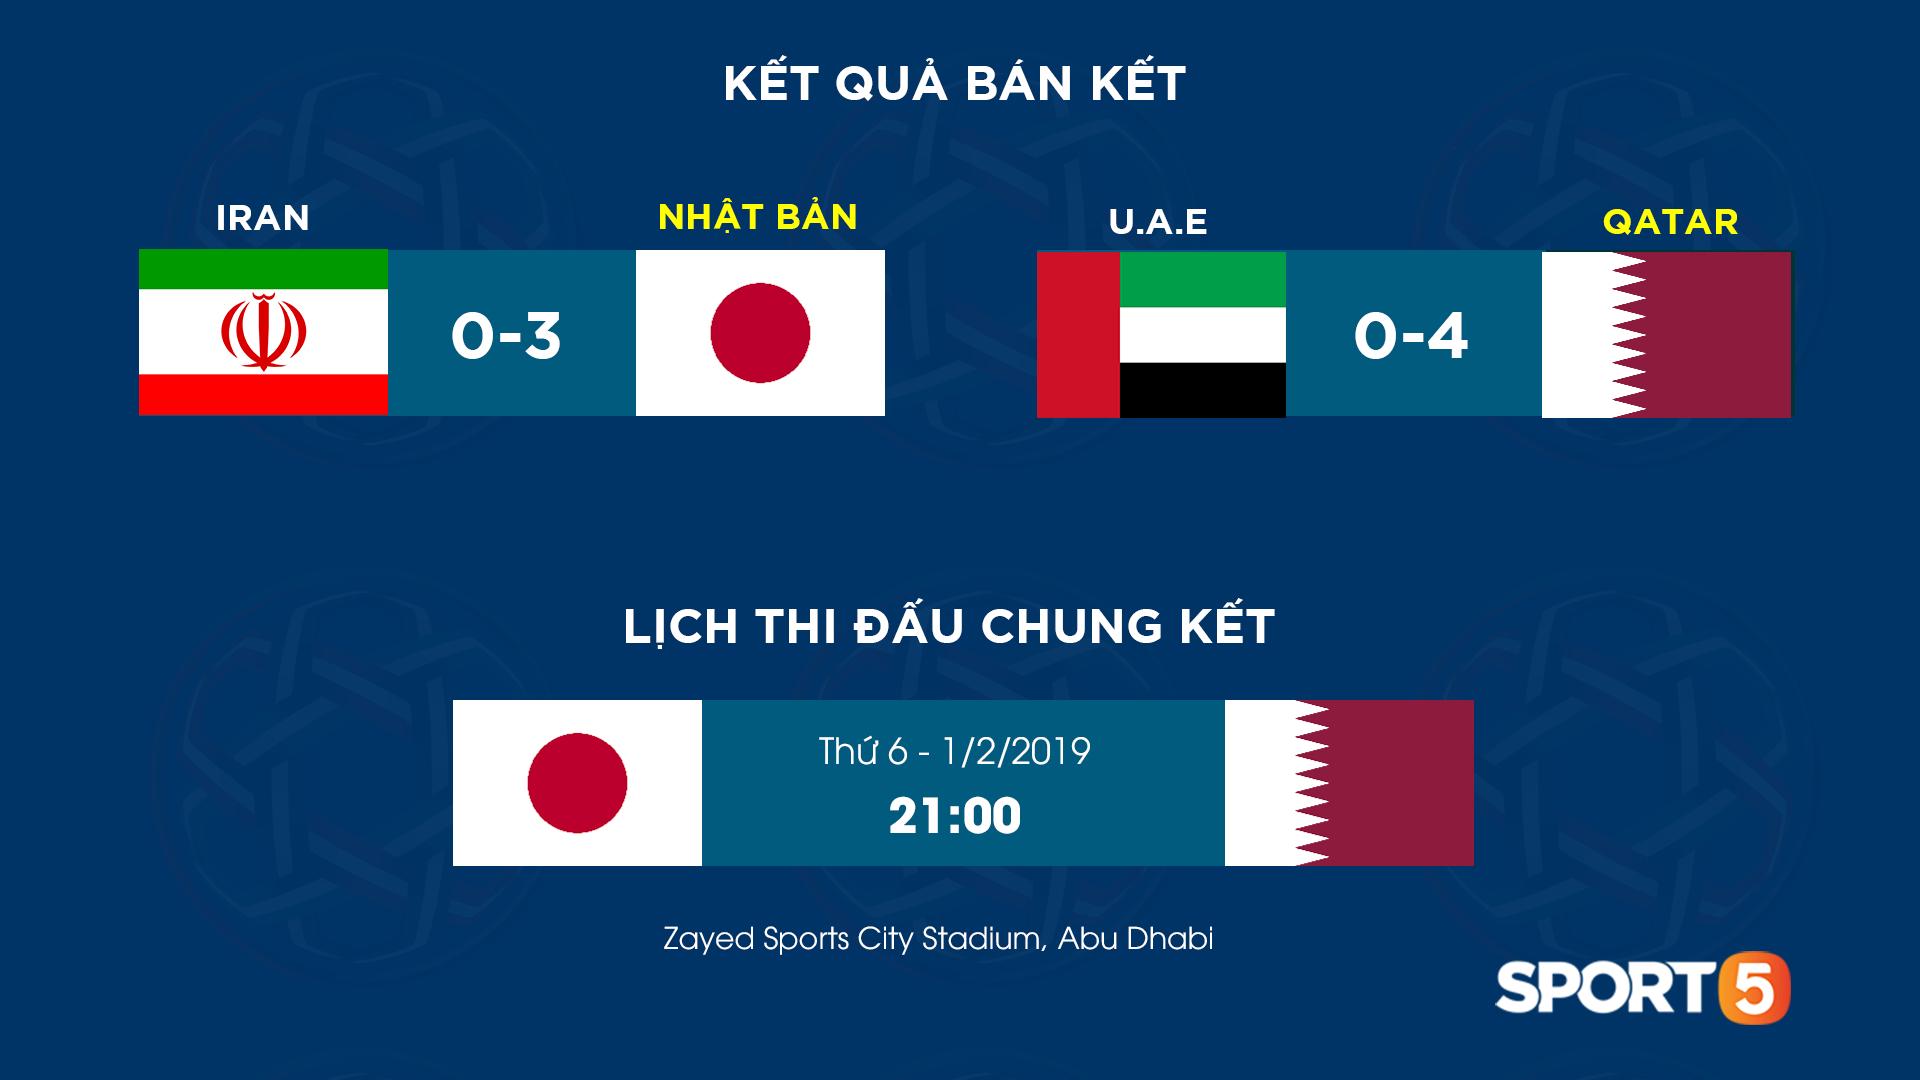 Lịch thi đấu trận chung kết Asian Cup 2019 - Ảnh 1.